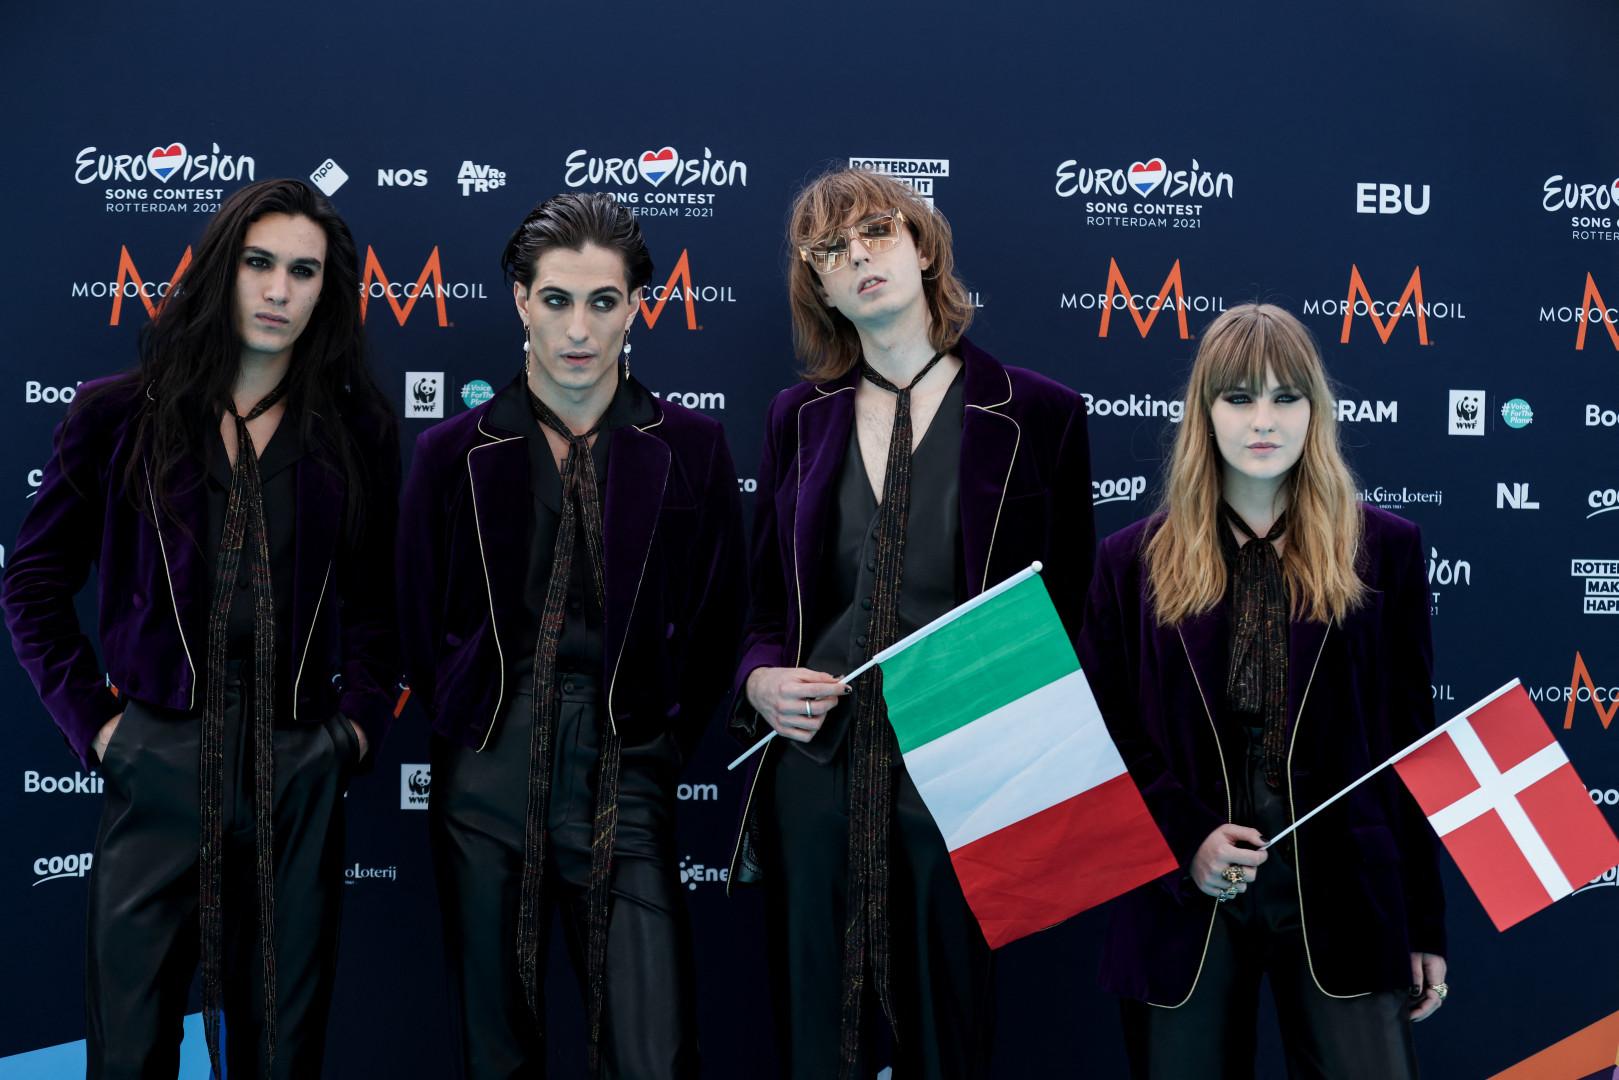 Le groupe Måneskin représente l'Italie